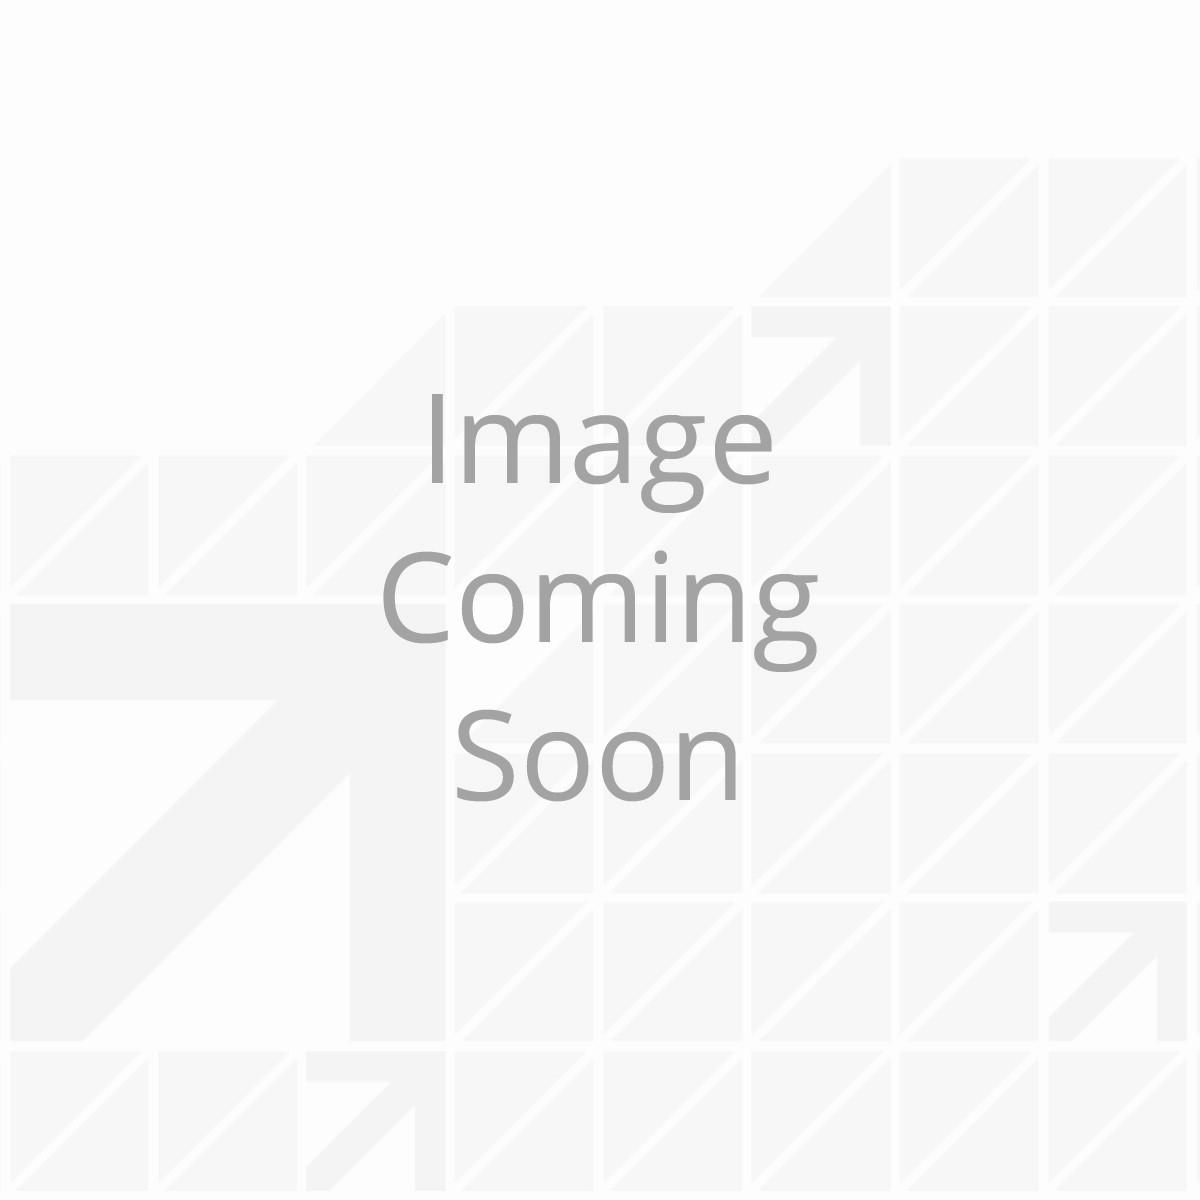 SCREW COVER RIGID PLASTIC BLACK - 76